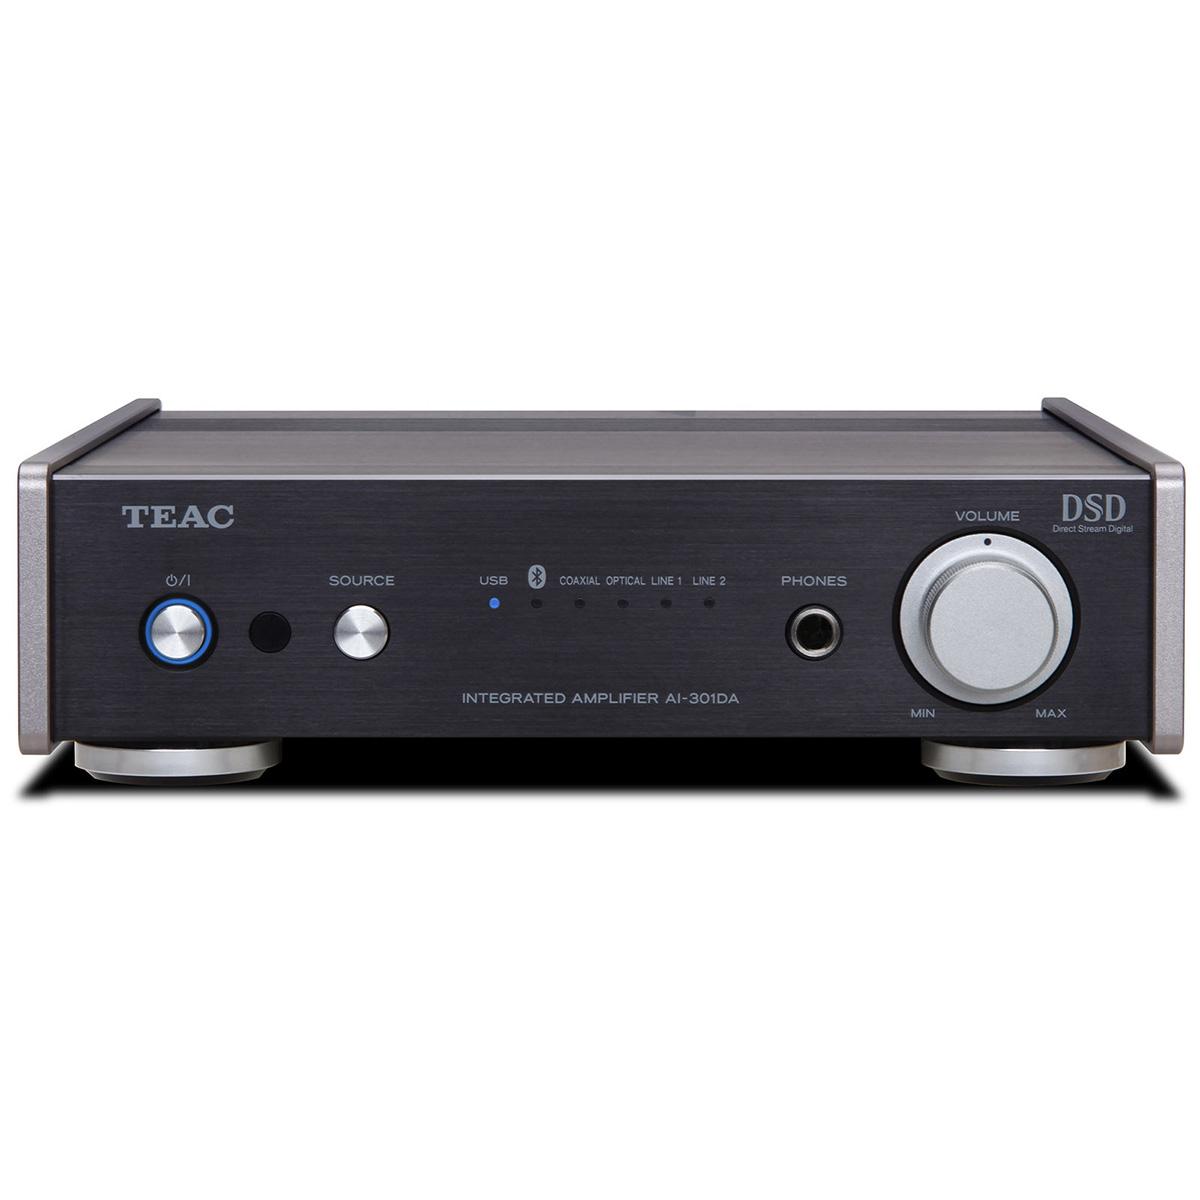 ティアック Bluetooth/USB/DAC搭載ステレオプリメインアンプ Reference 301 スペシャルパッケージ AI-301DA-SP/B